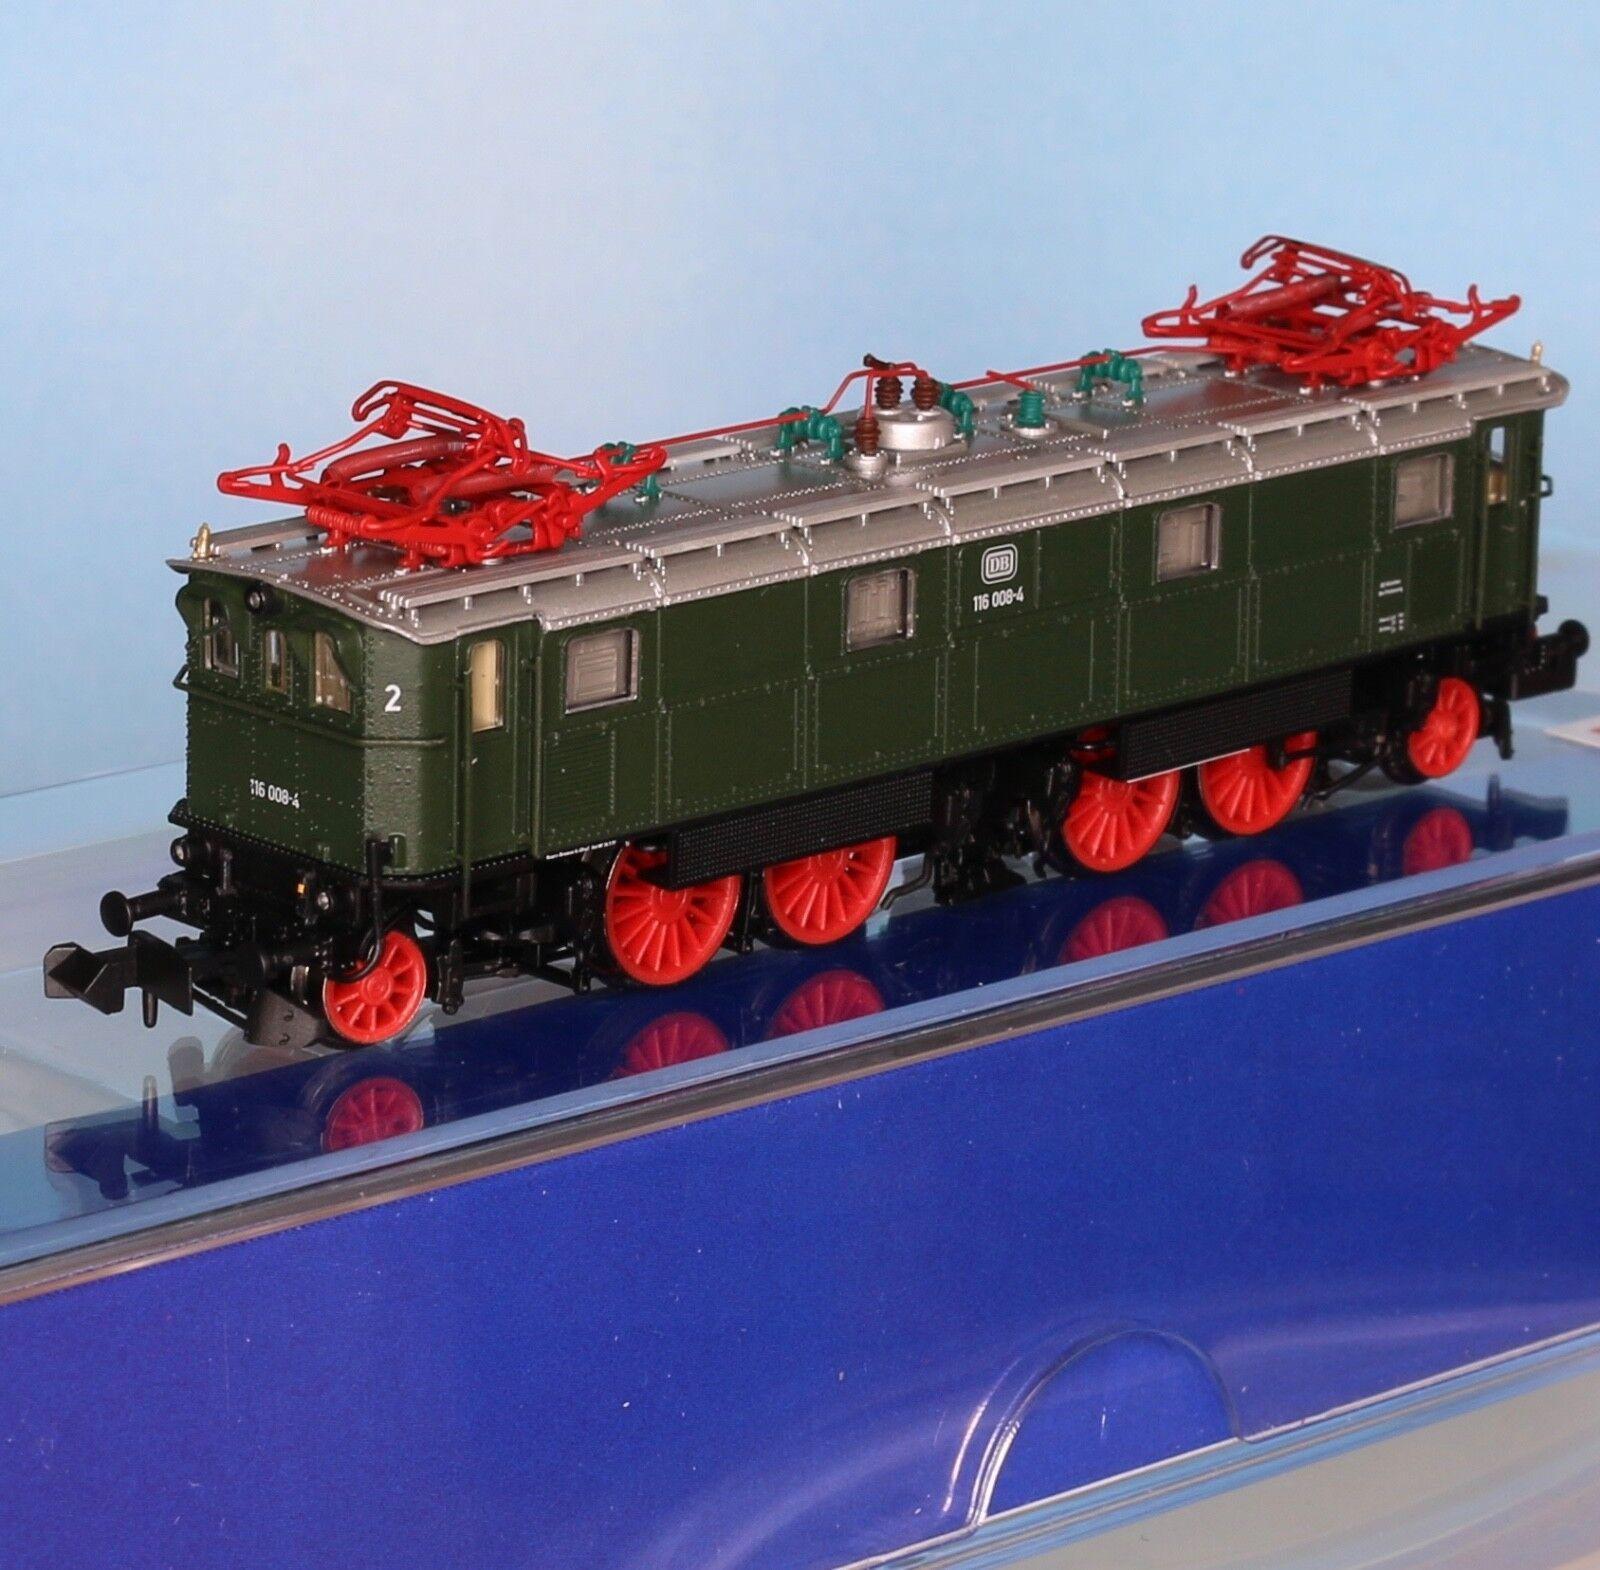 Piko 40350, pista n, e-Lok DB br 116 008-4, verde, época 4